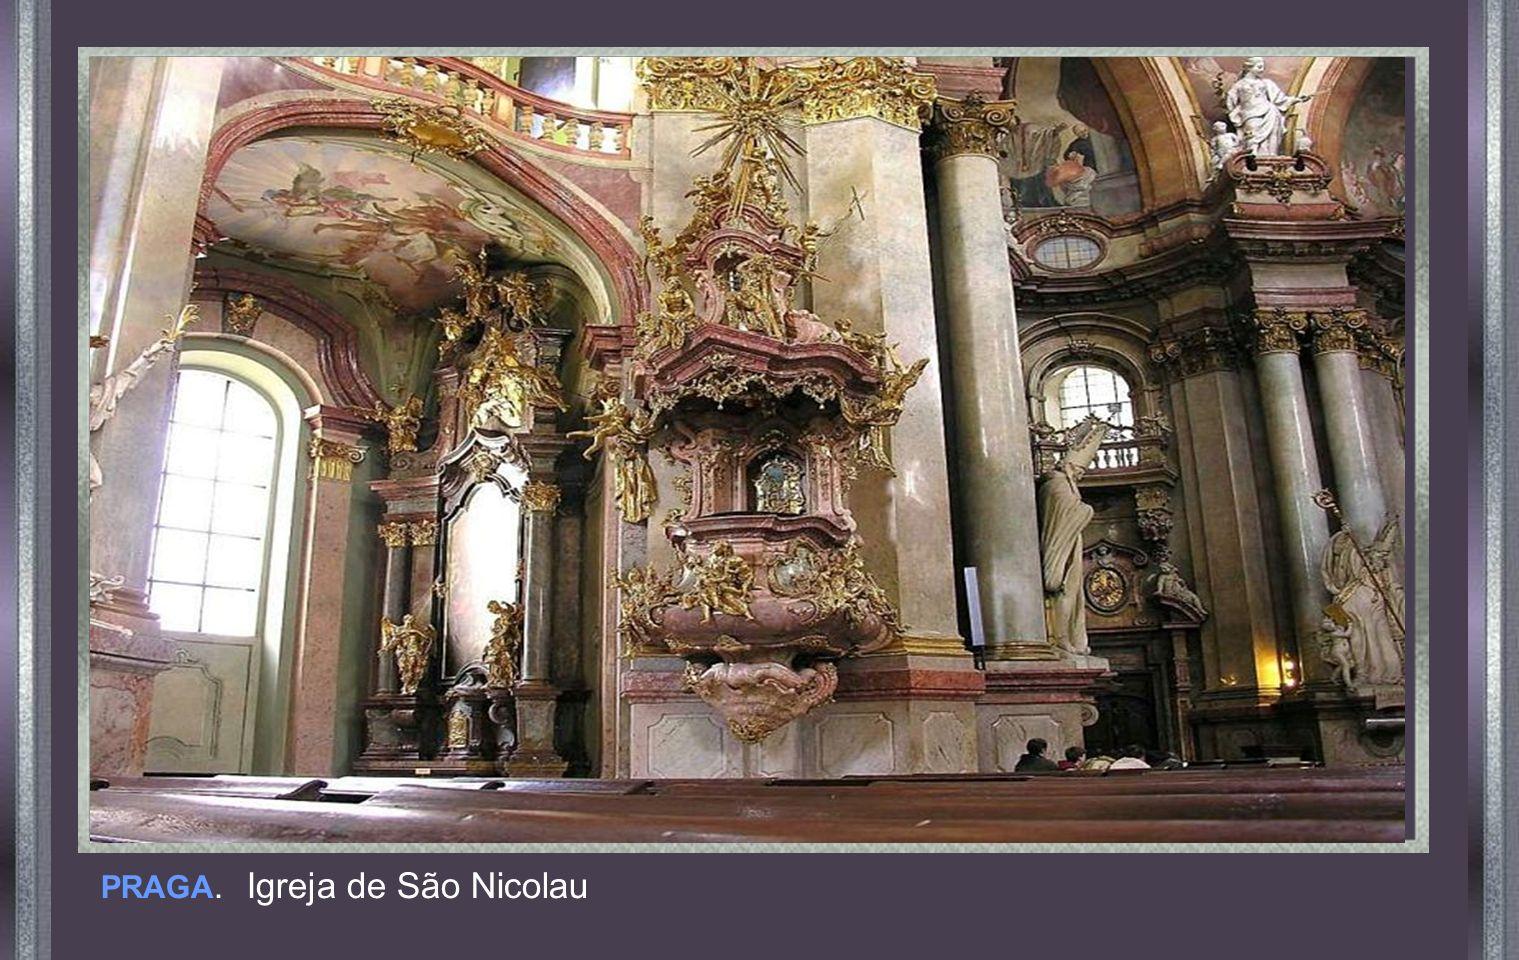 Quando Napoleão invadiu a Rússia, proclamou em frente deste altar, que se algum dos seus soldados se atrevesse a roubar algo dali, ele, o mataria.